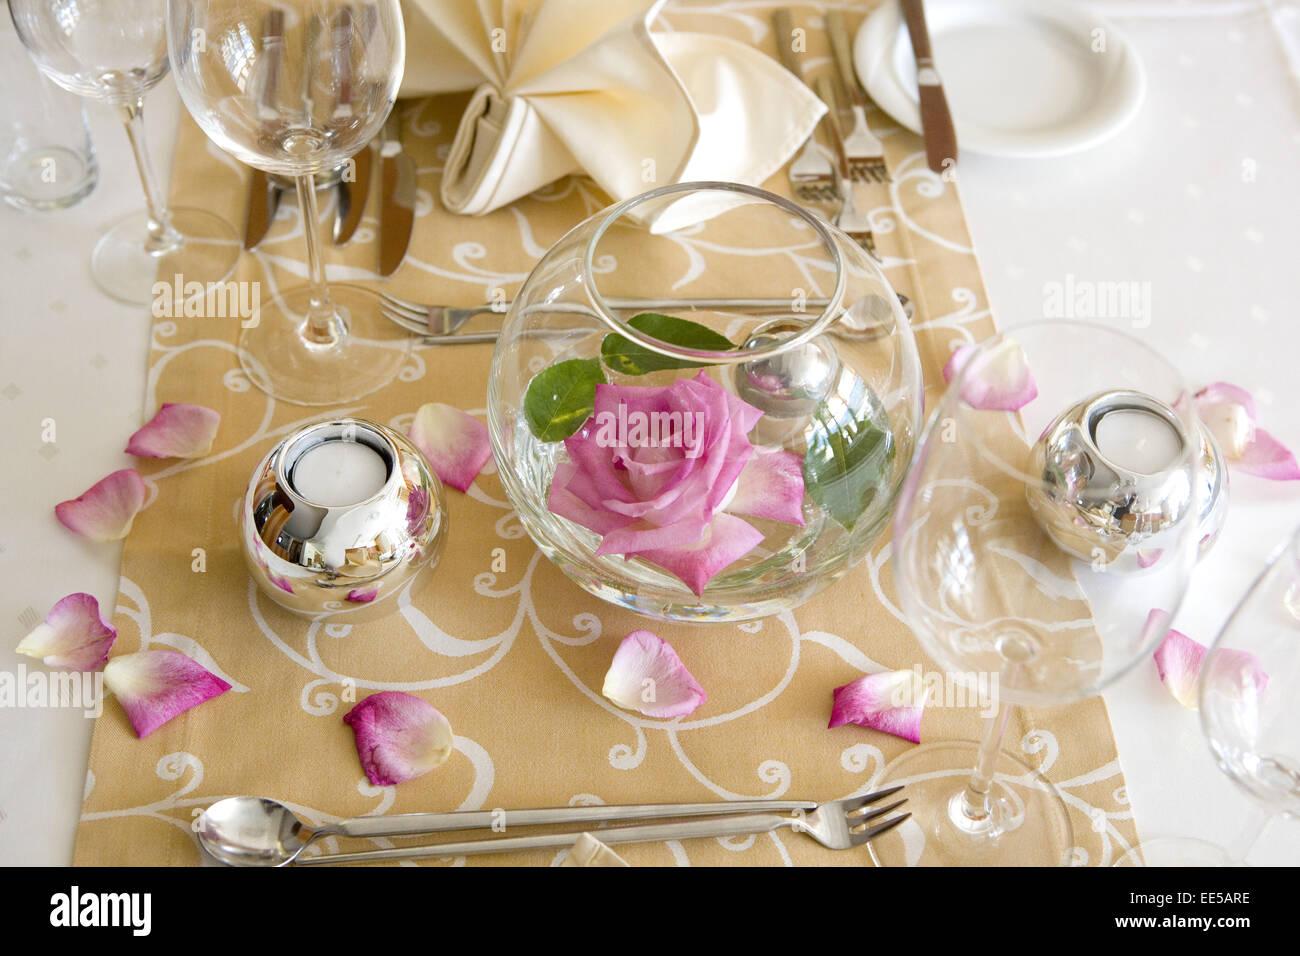 Tisch, gedeckt, festlich, Detail, Tischdeko, Tischdekoration, Rose, Rosenblaetter, Glaeser, Weinglas, Wasserglas, - Stock Image